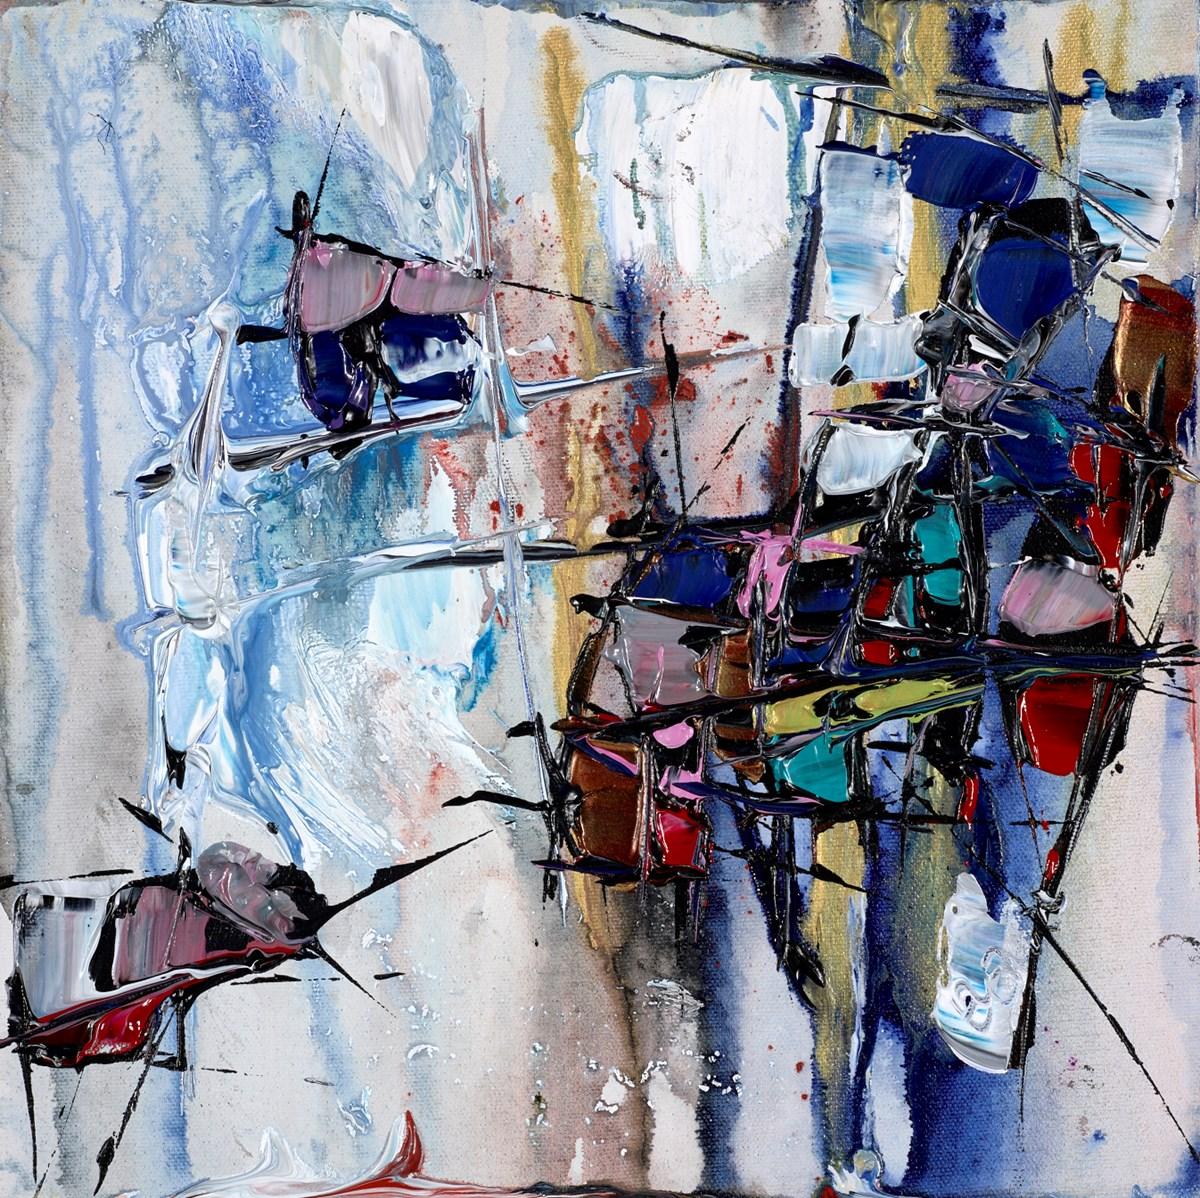 Abstract II